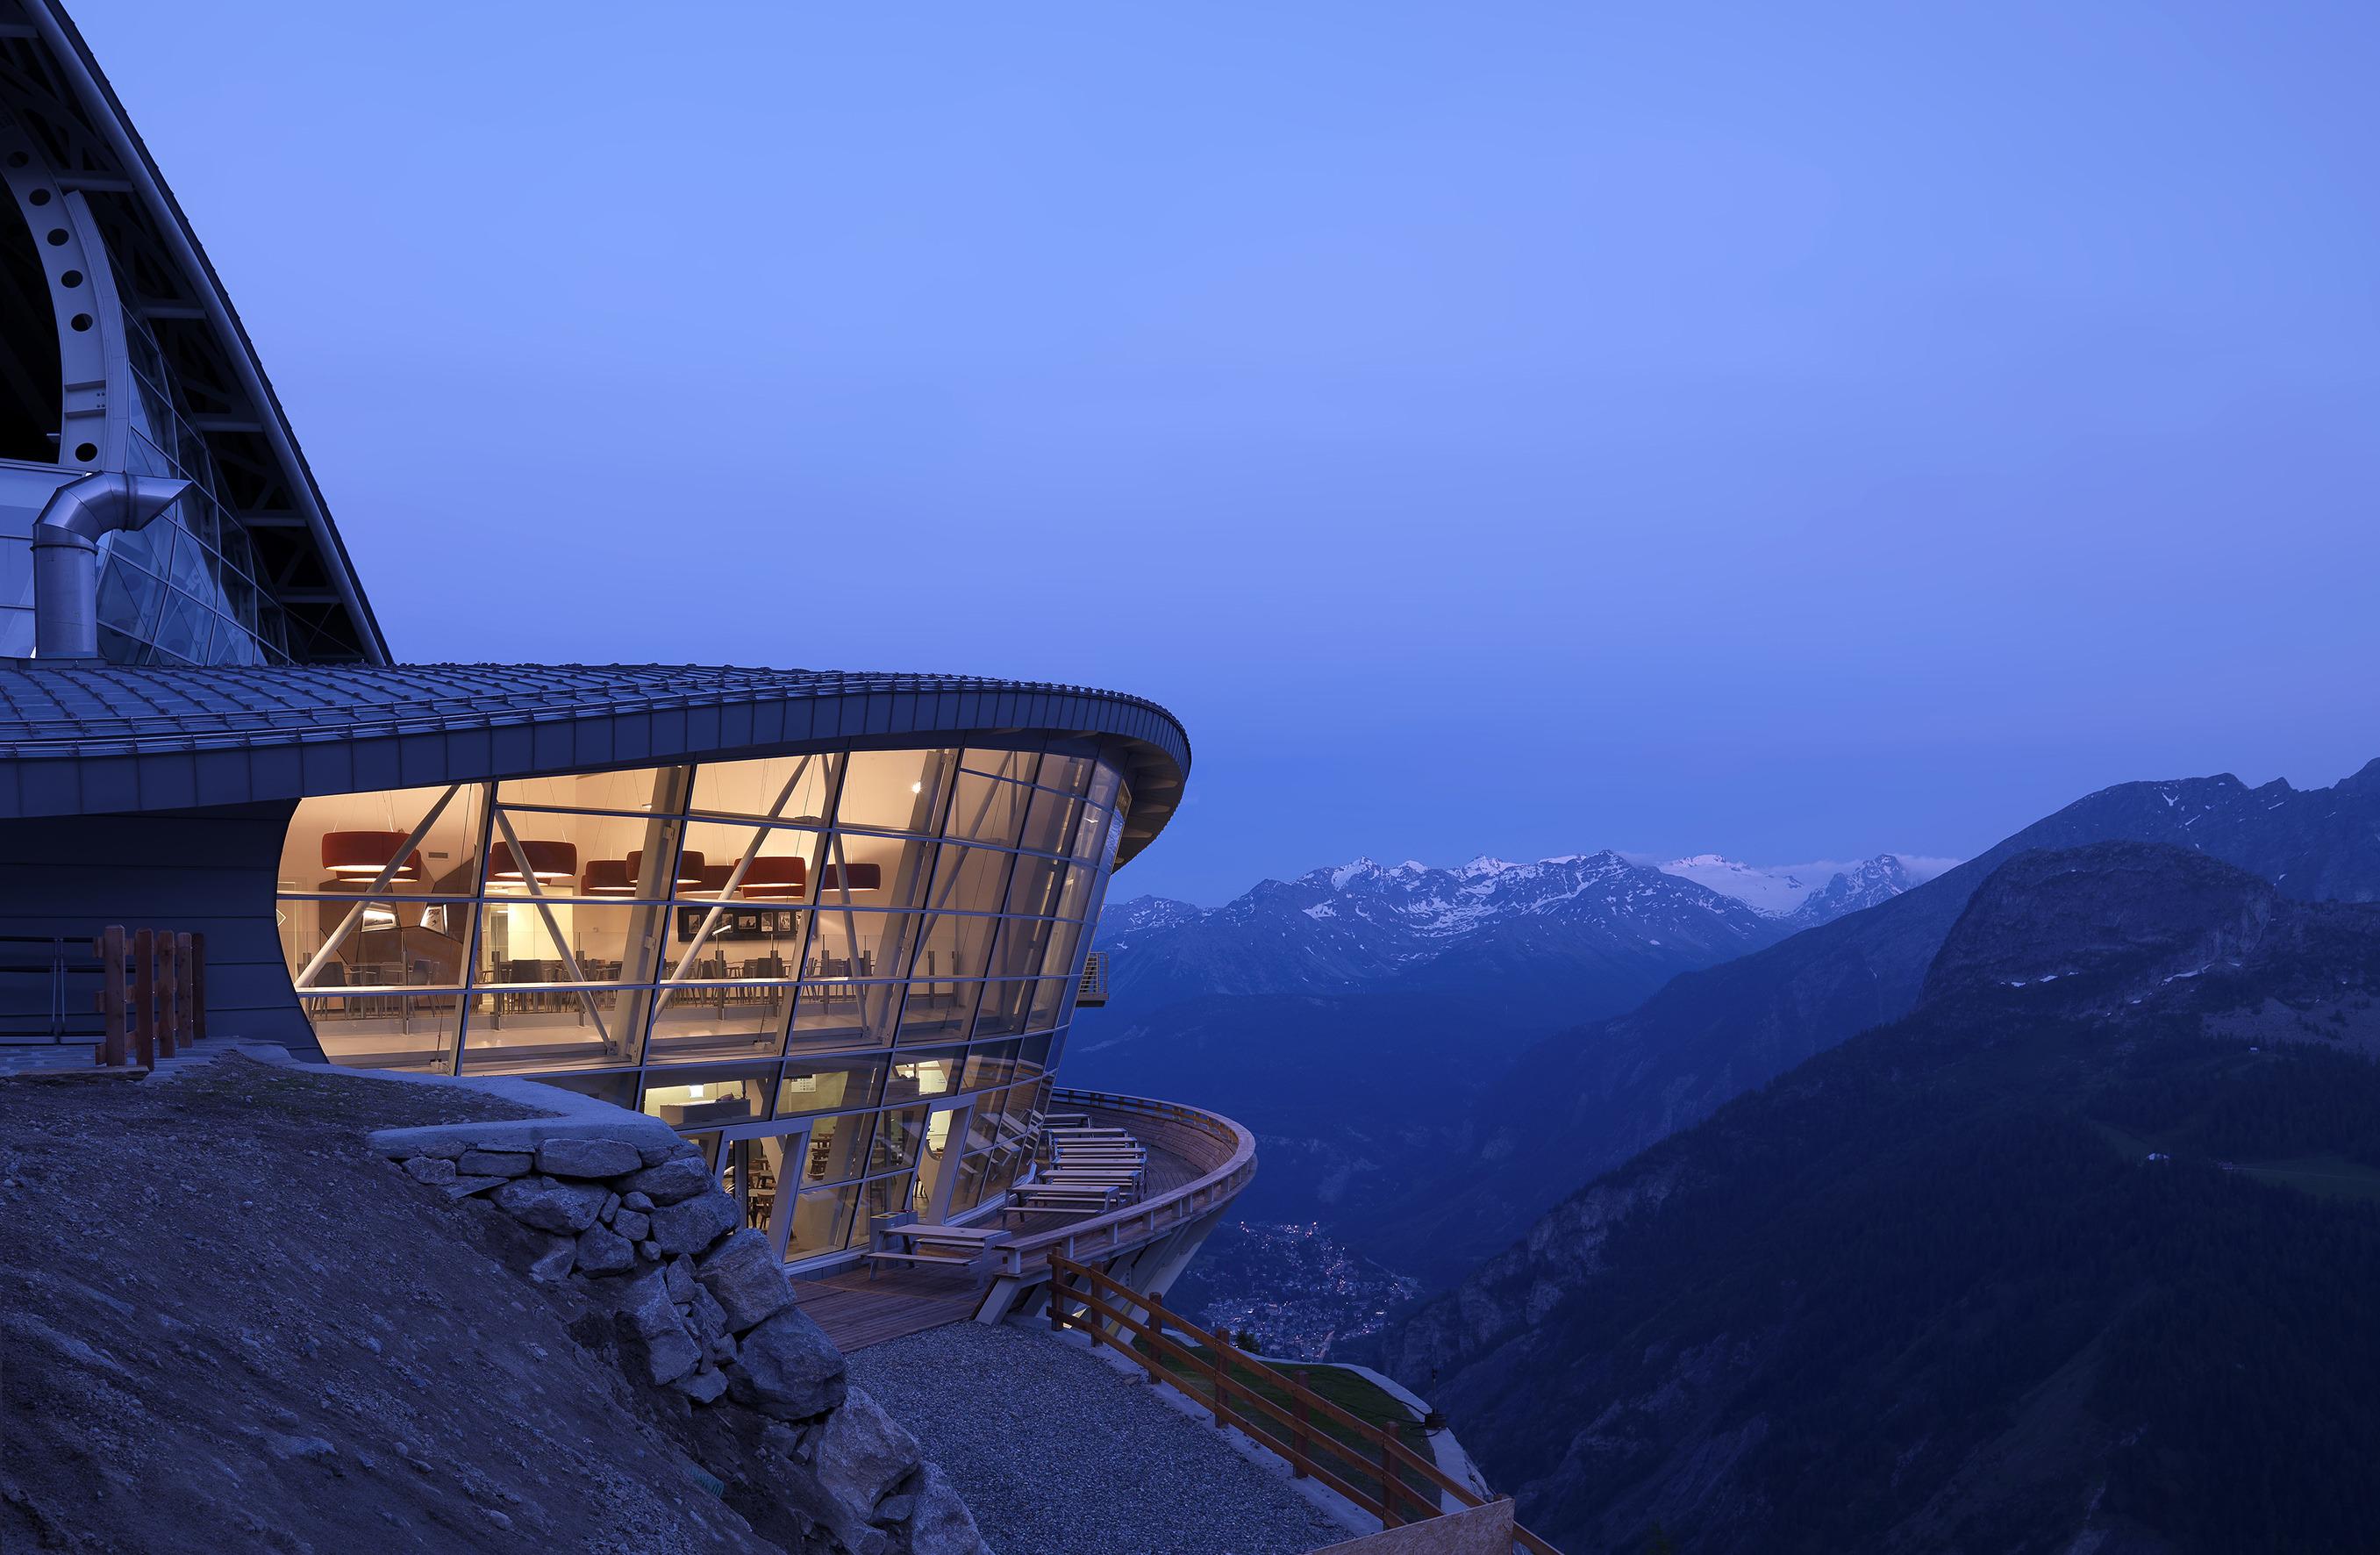 Skyway Monte Bianco Carlo Cillara Rossi